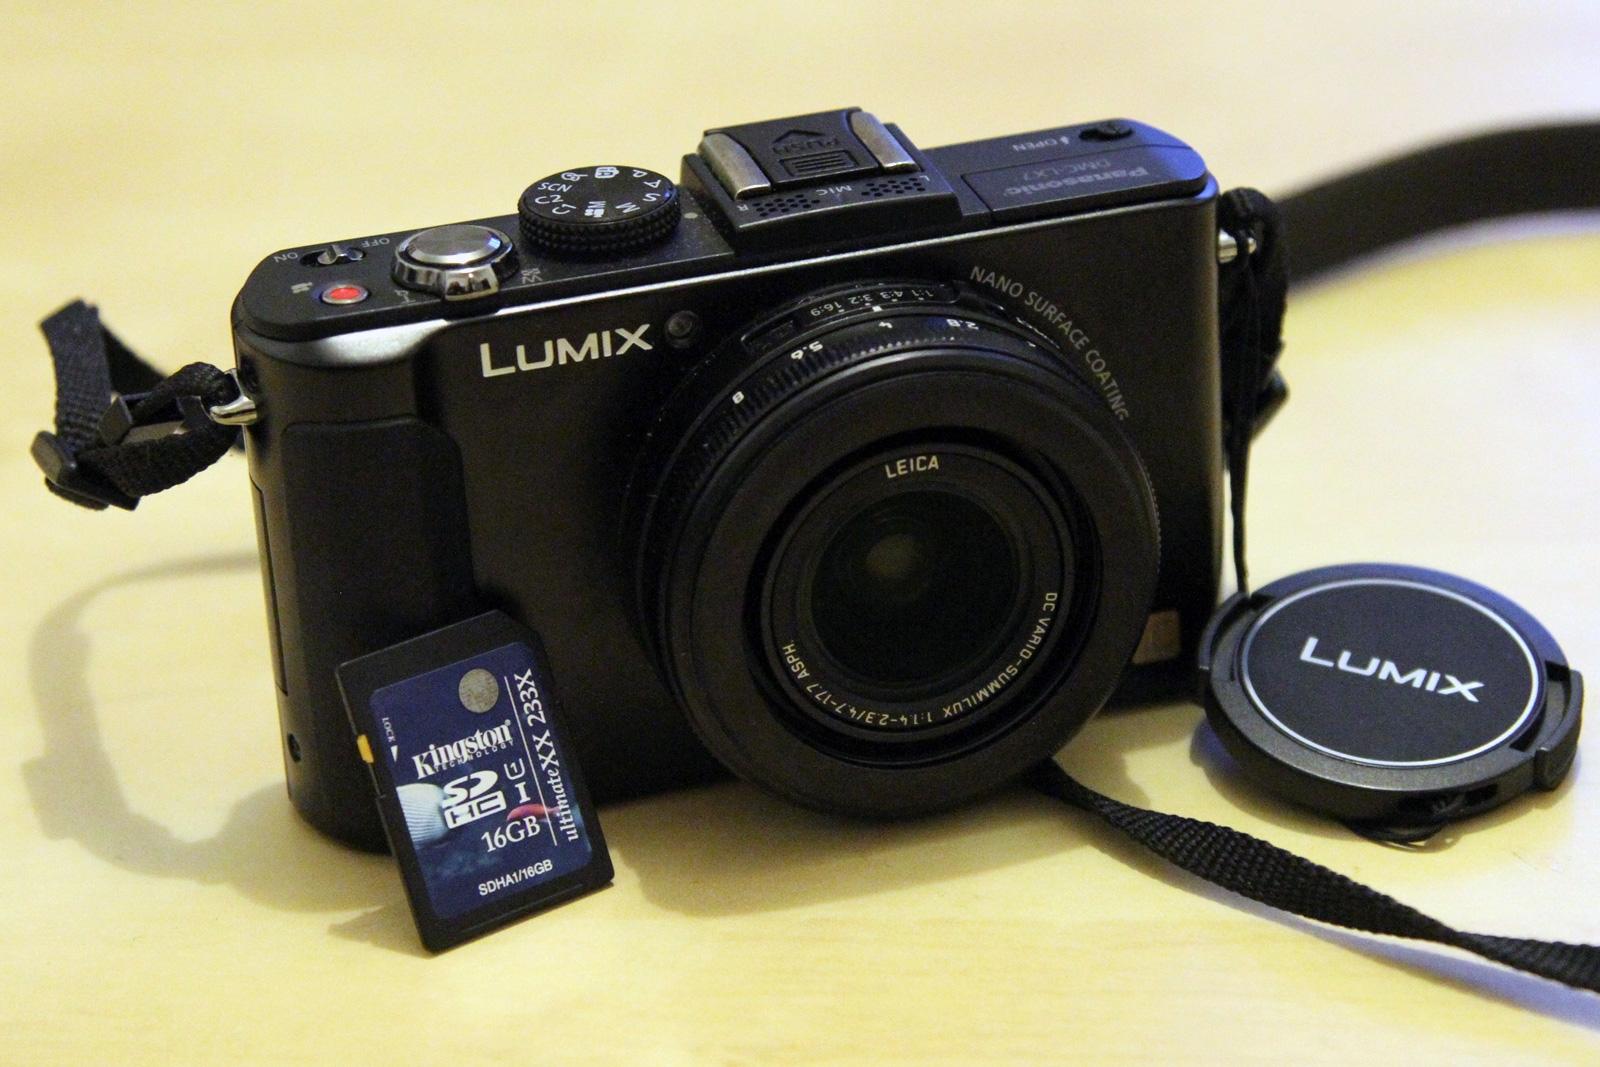 Panasonic Lumix LX7 front